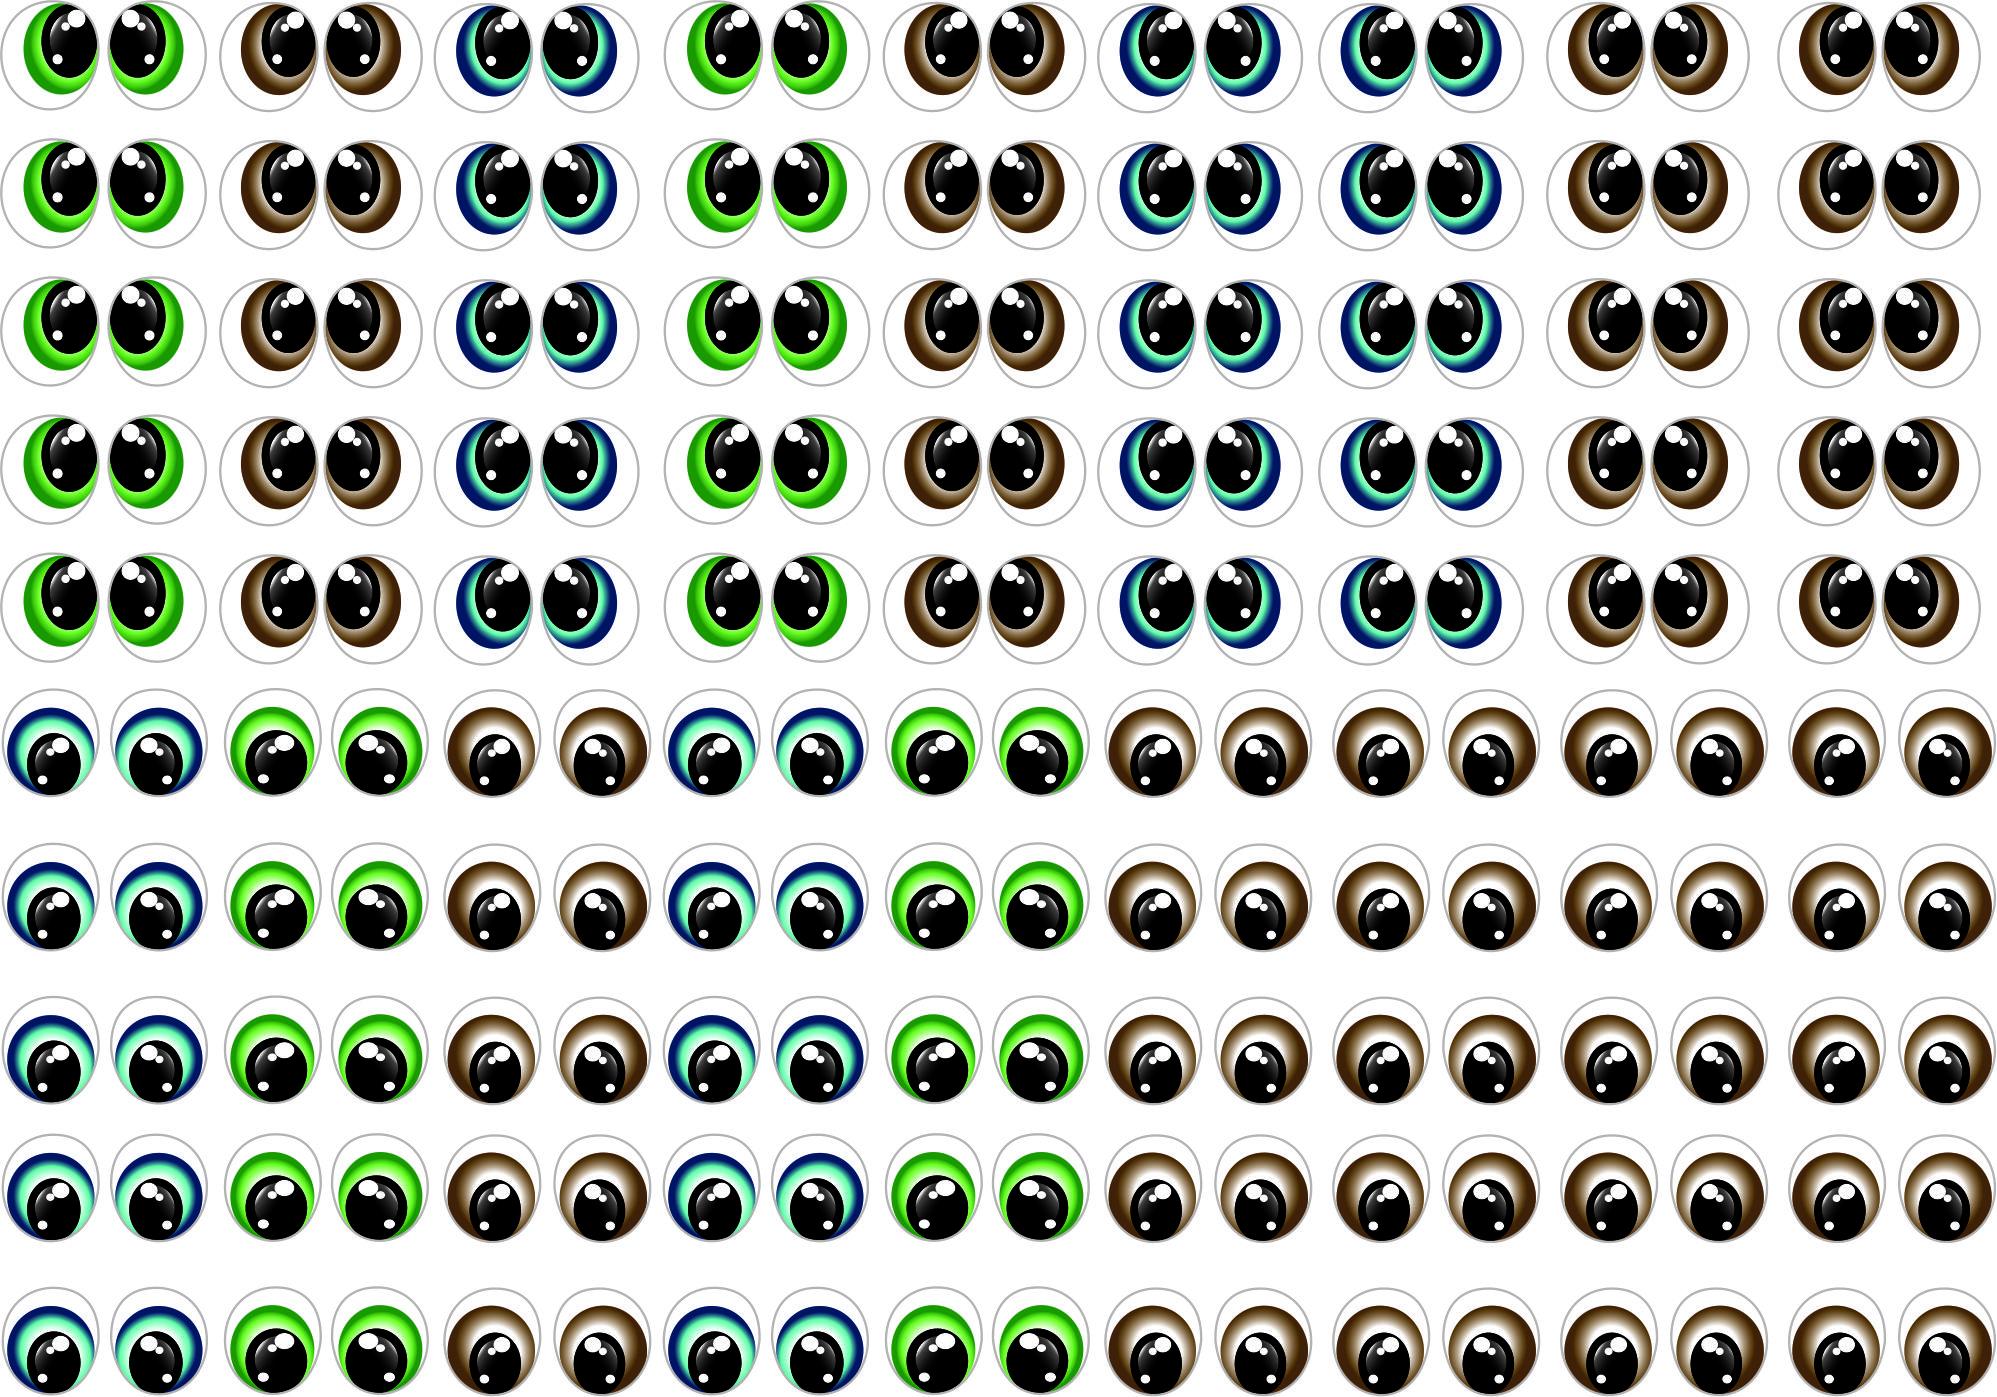 Adesivos de olhos cod 341 P Monicarts Elo7